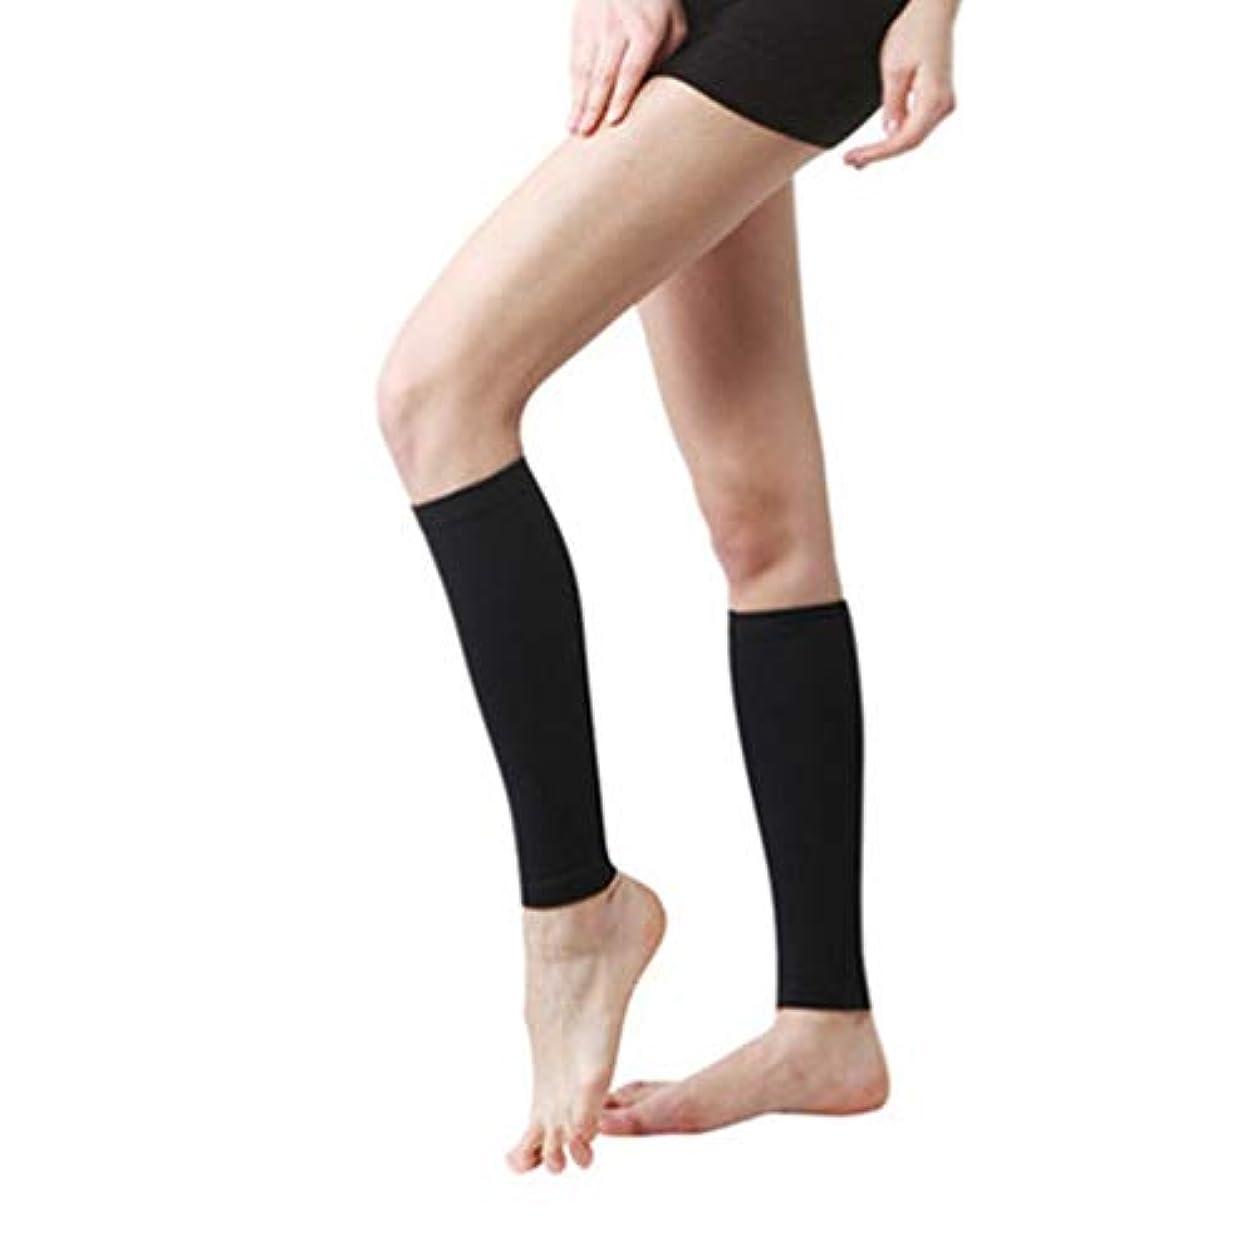 煙突彼女自身町丈夫な男性女性プロの圧縮靴下通気性のある旅行活動看護師用シンススプリントフライトトラベル - ブラック